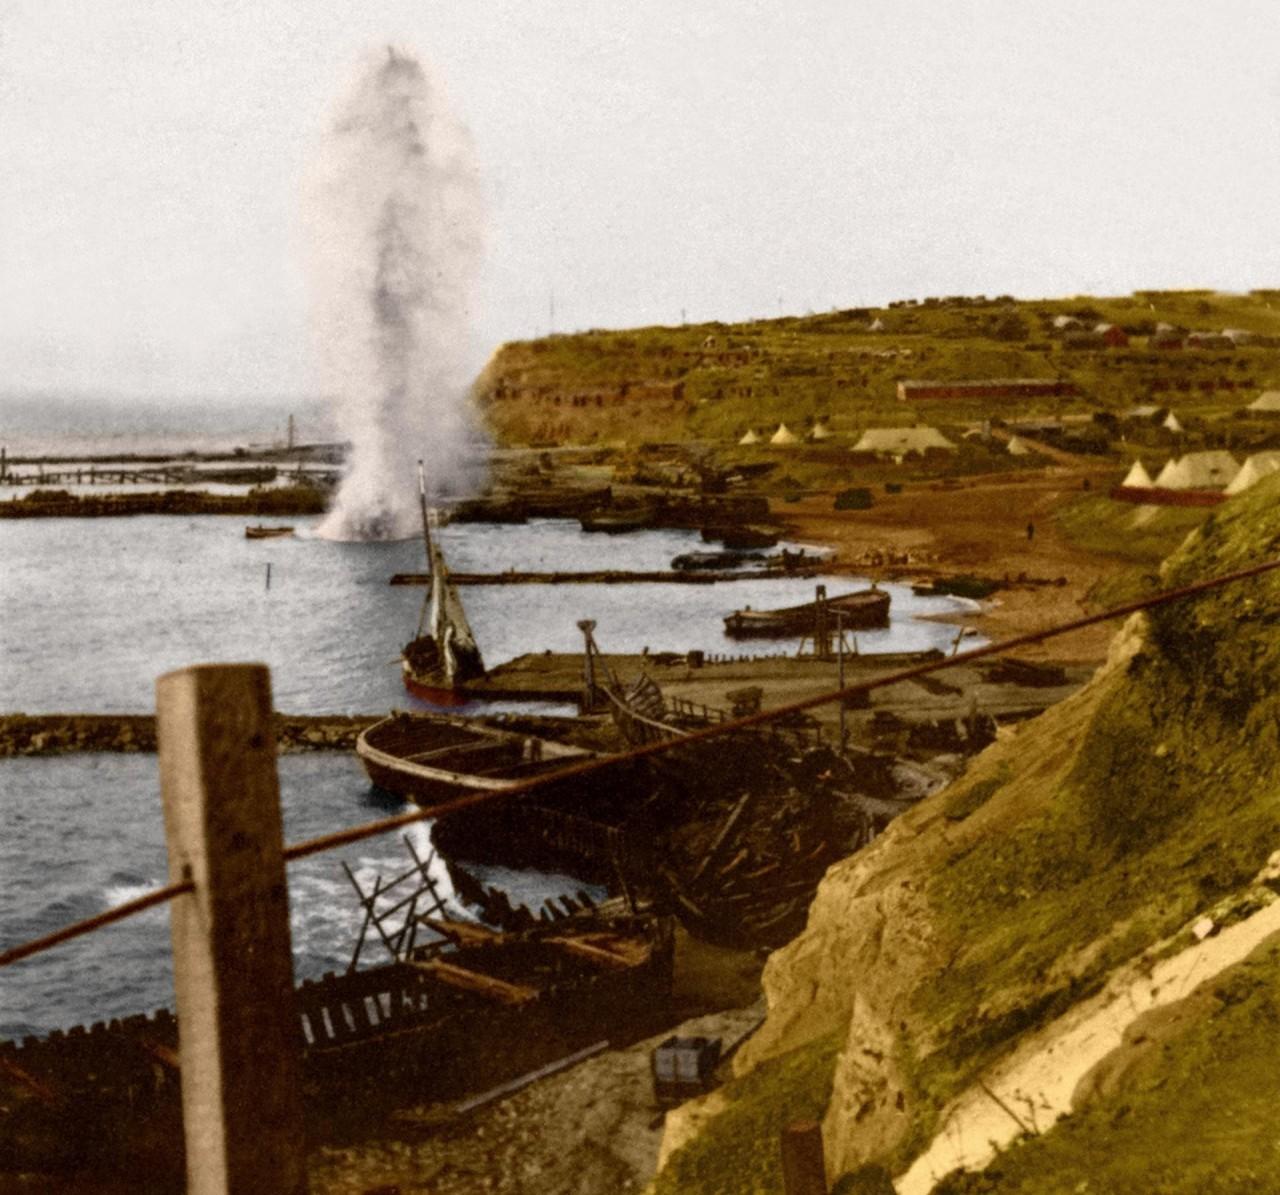 Взрыв снаряда у берегов Галлиполи, 1915 г. архивное фото, колоризация, колоризация фотографий, колоризированные снимки, первая мировая, первая мировая война, фото войны